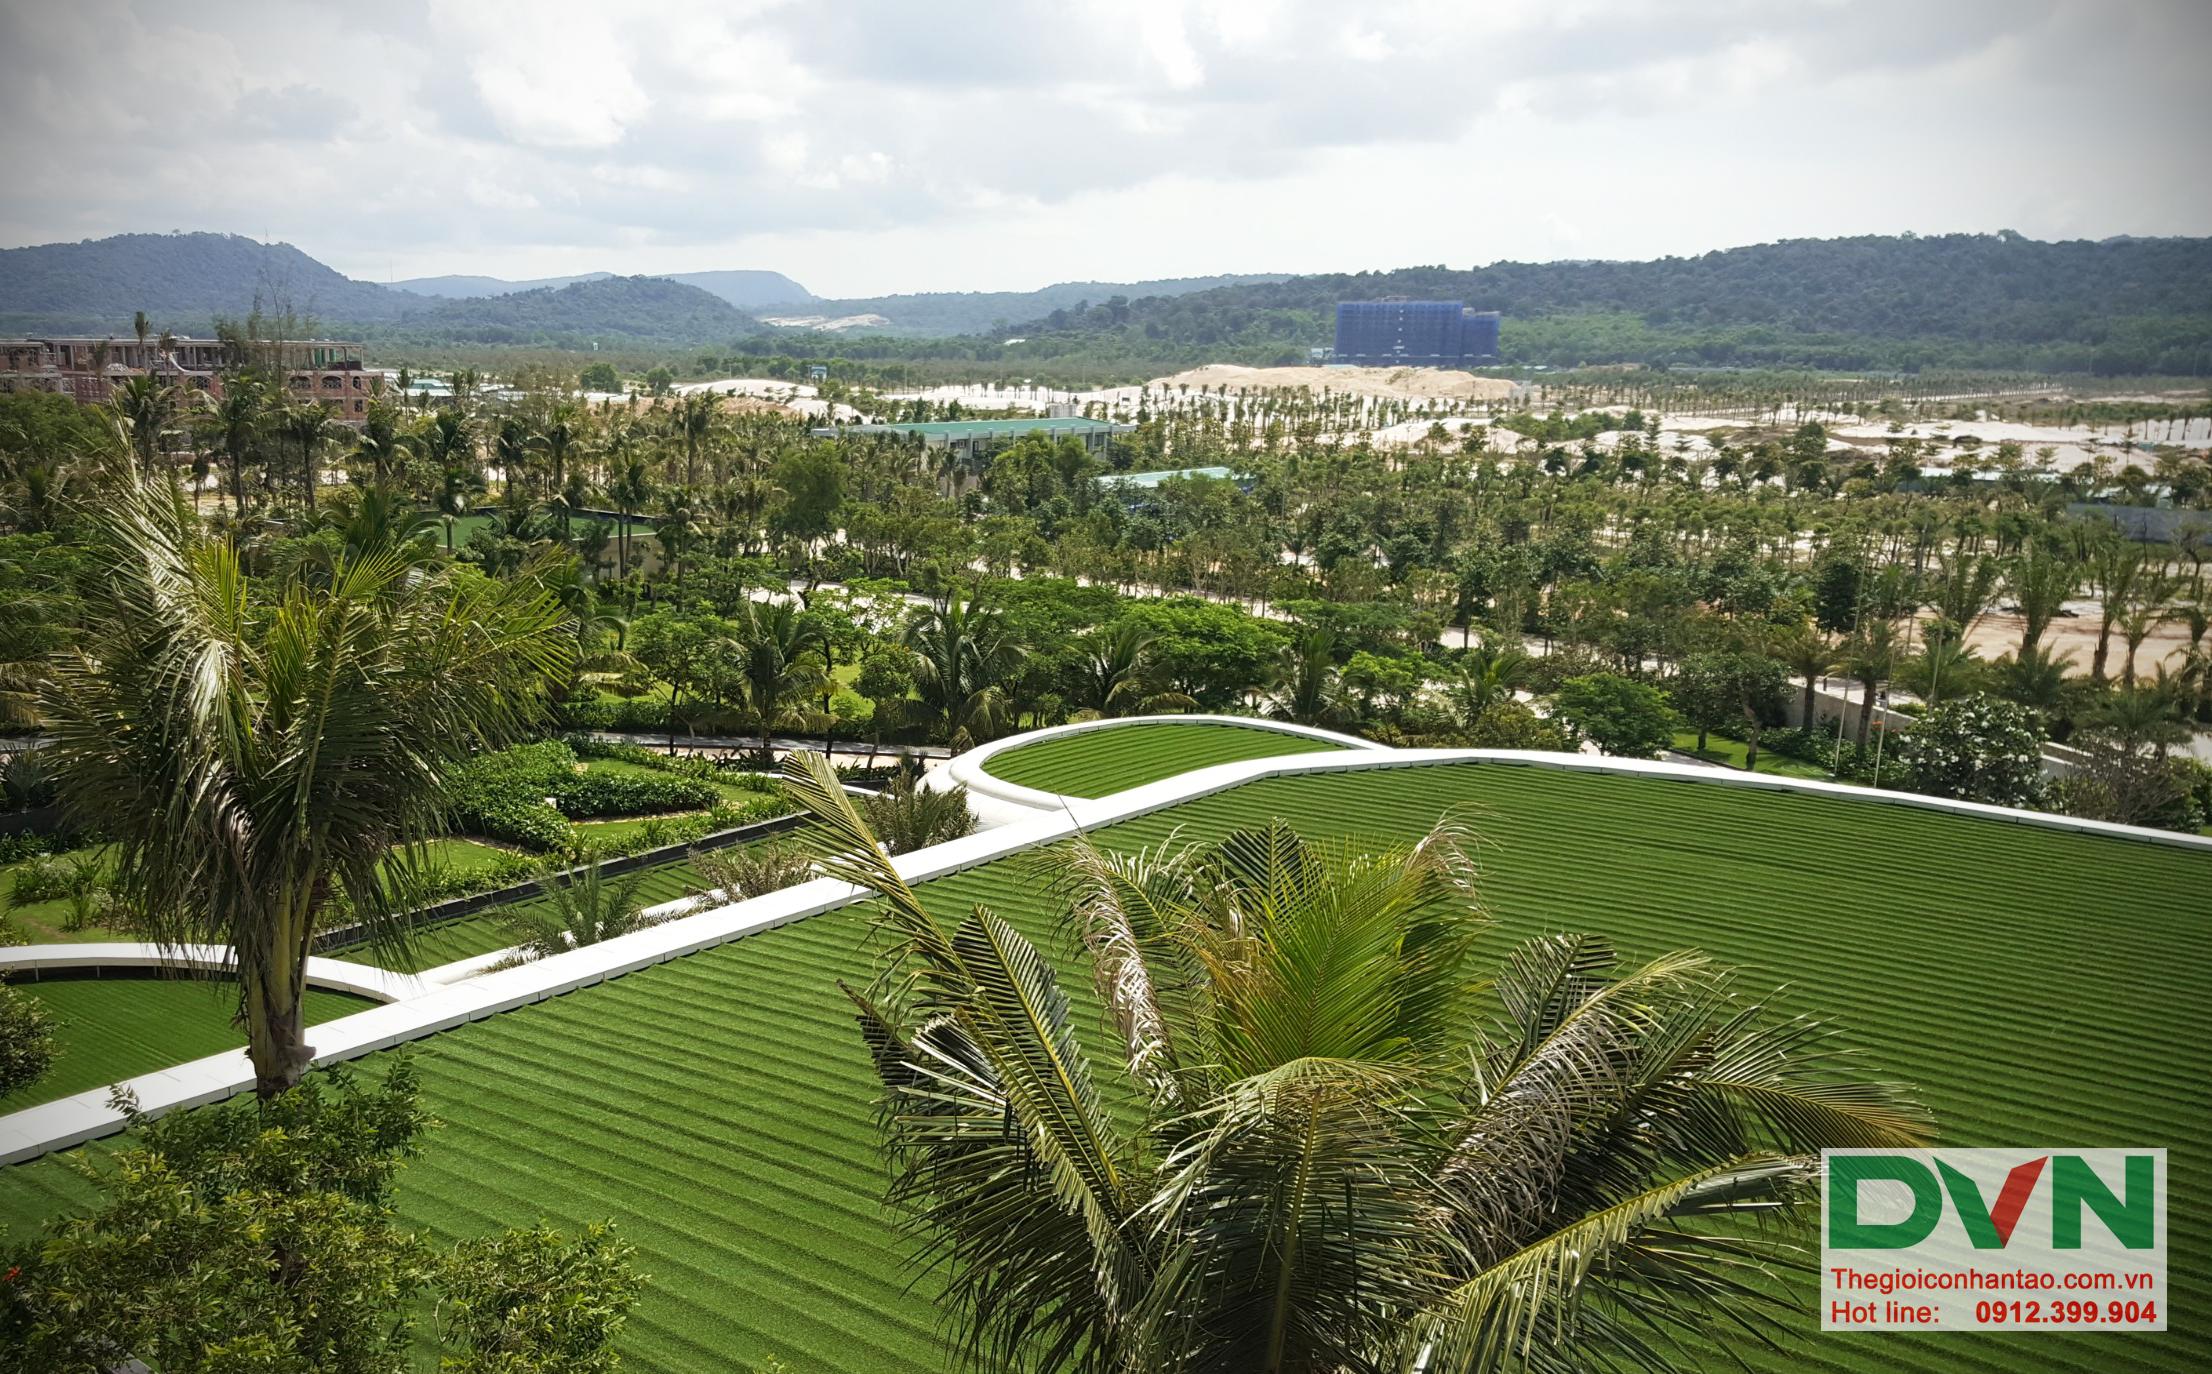 Một số hình ảnh tại dự án án khách sạn 5 sao và khu nghỉ dưỡng cao cấp tại khuôn viên Intercon Phú Quốc: 3